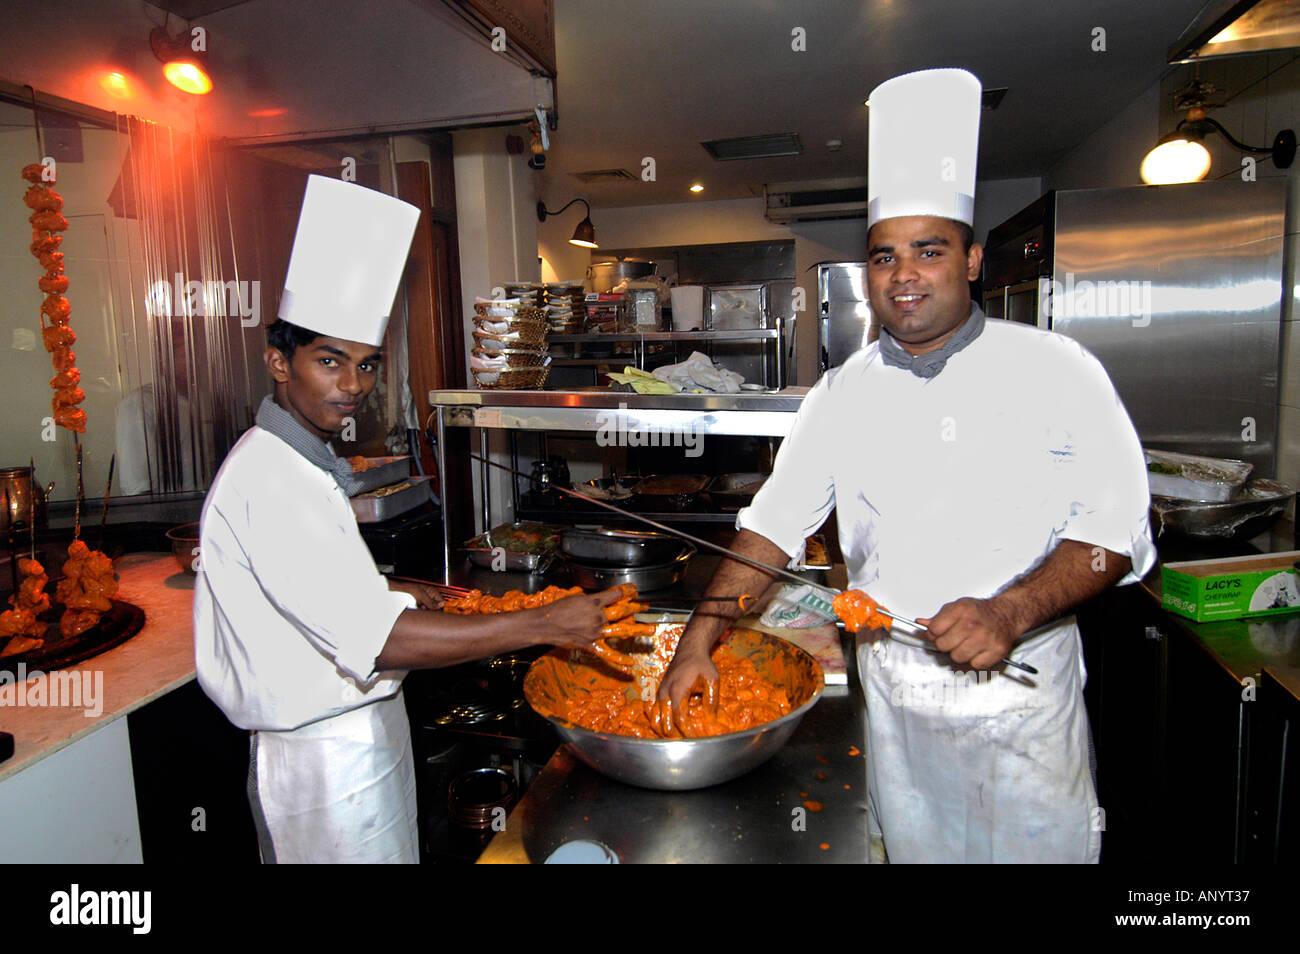 Tandoori kitchen - Galle Sri Lanka Cooks Kitchen Indian Tandoori Chicken